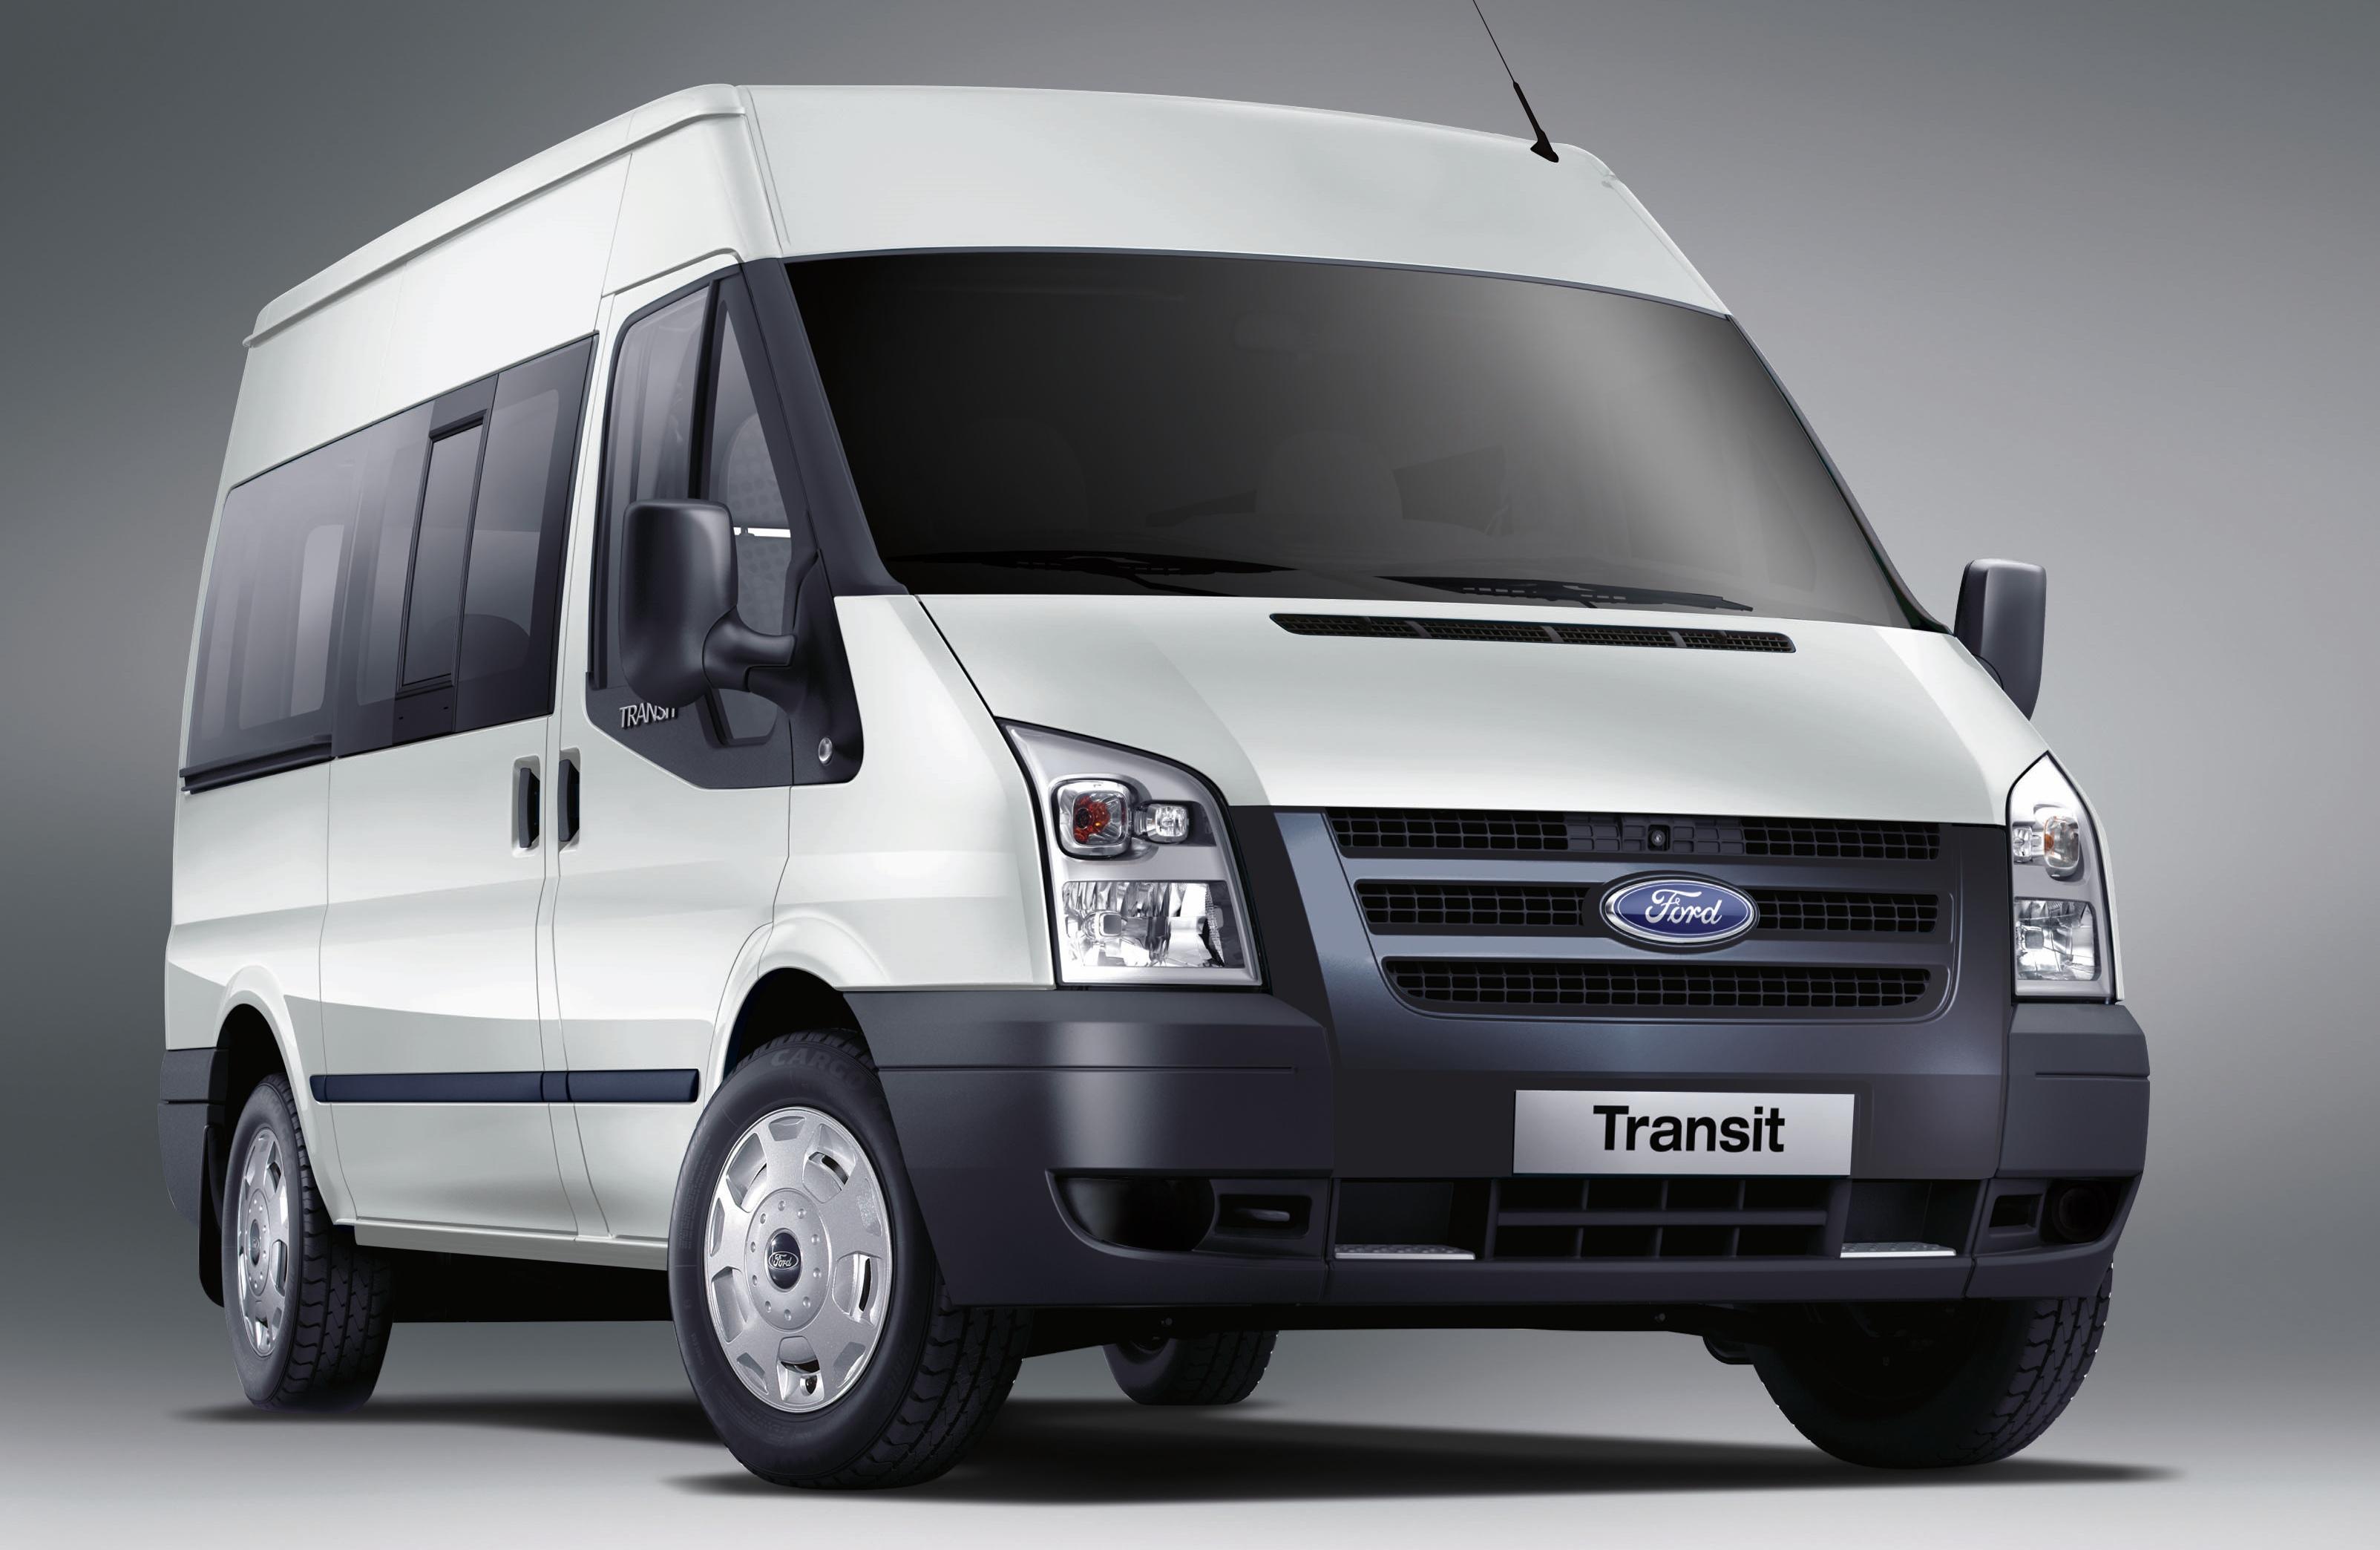 Форд транзит автобус фото